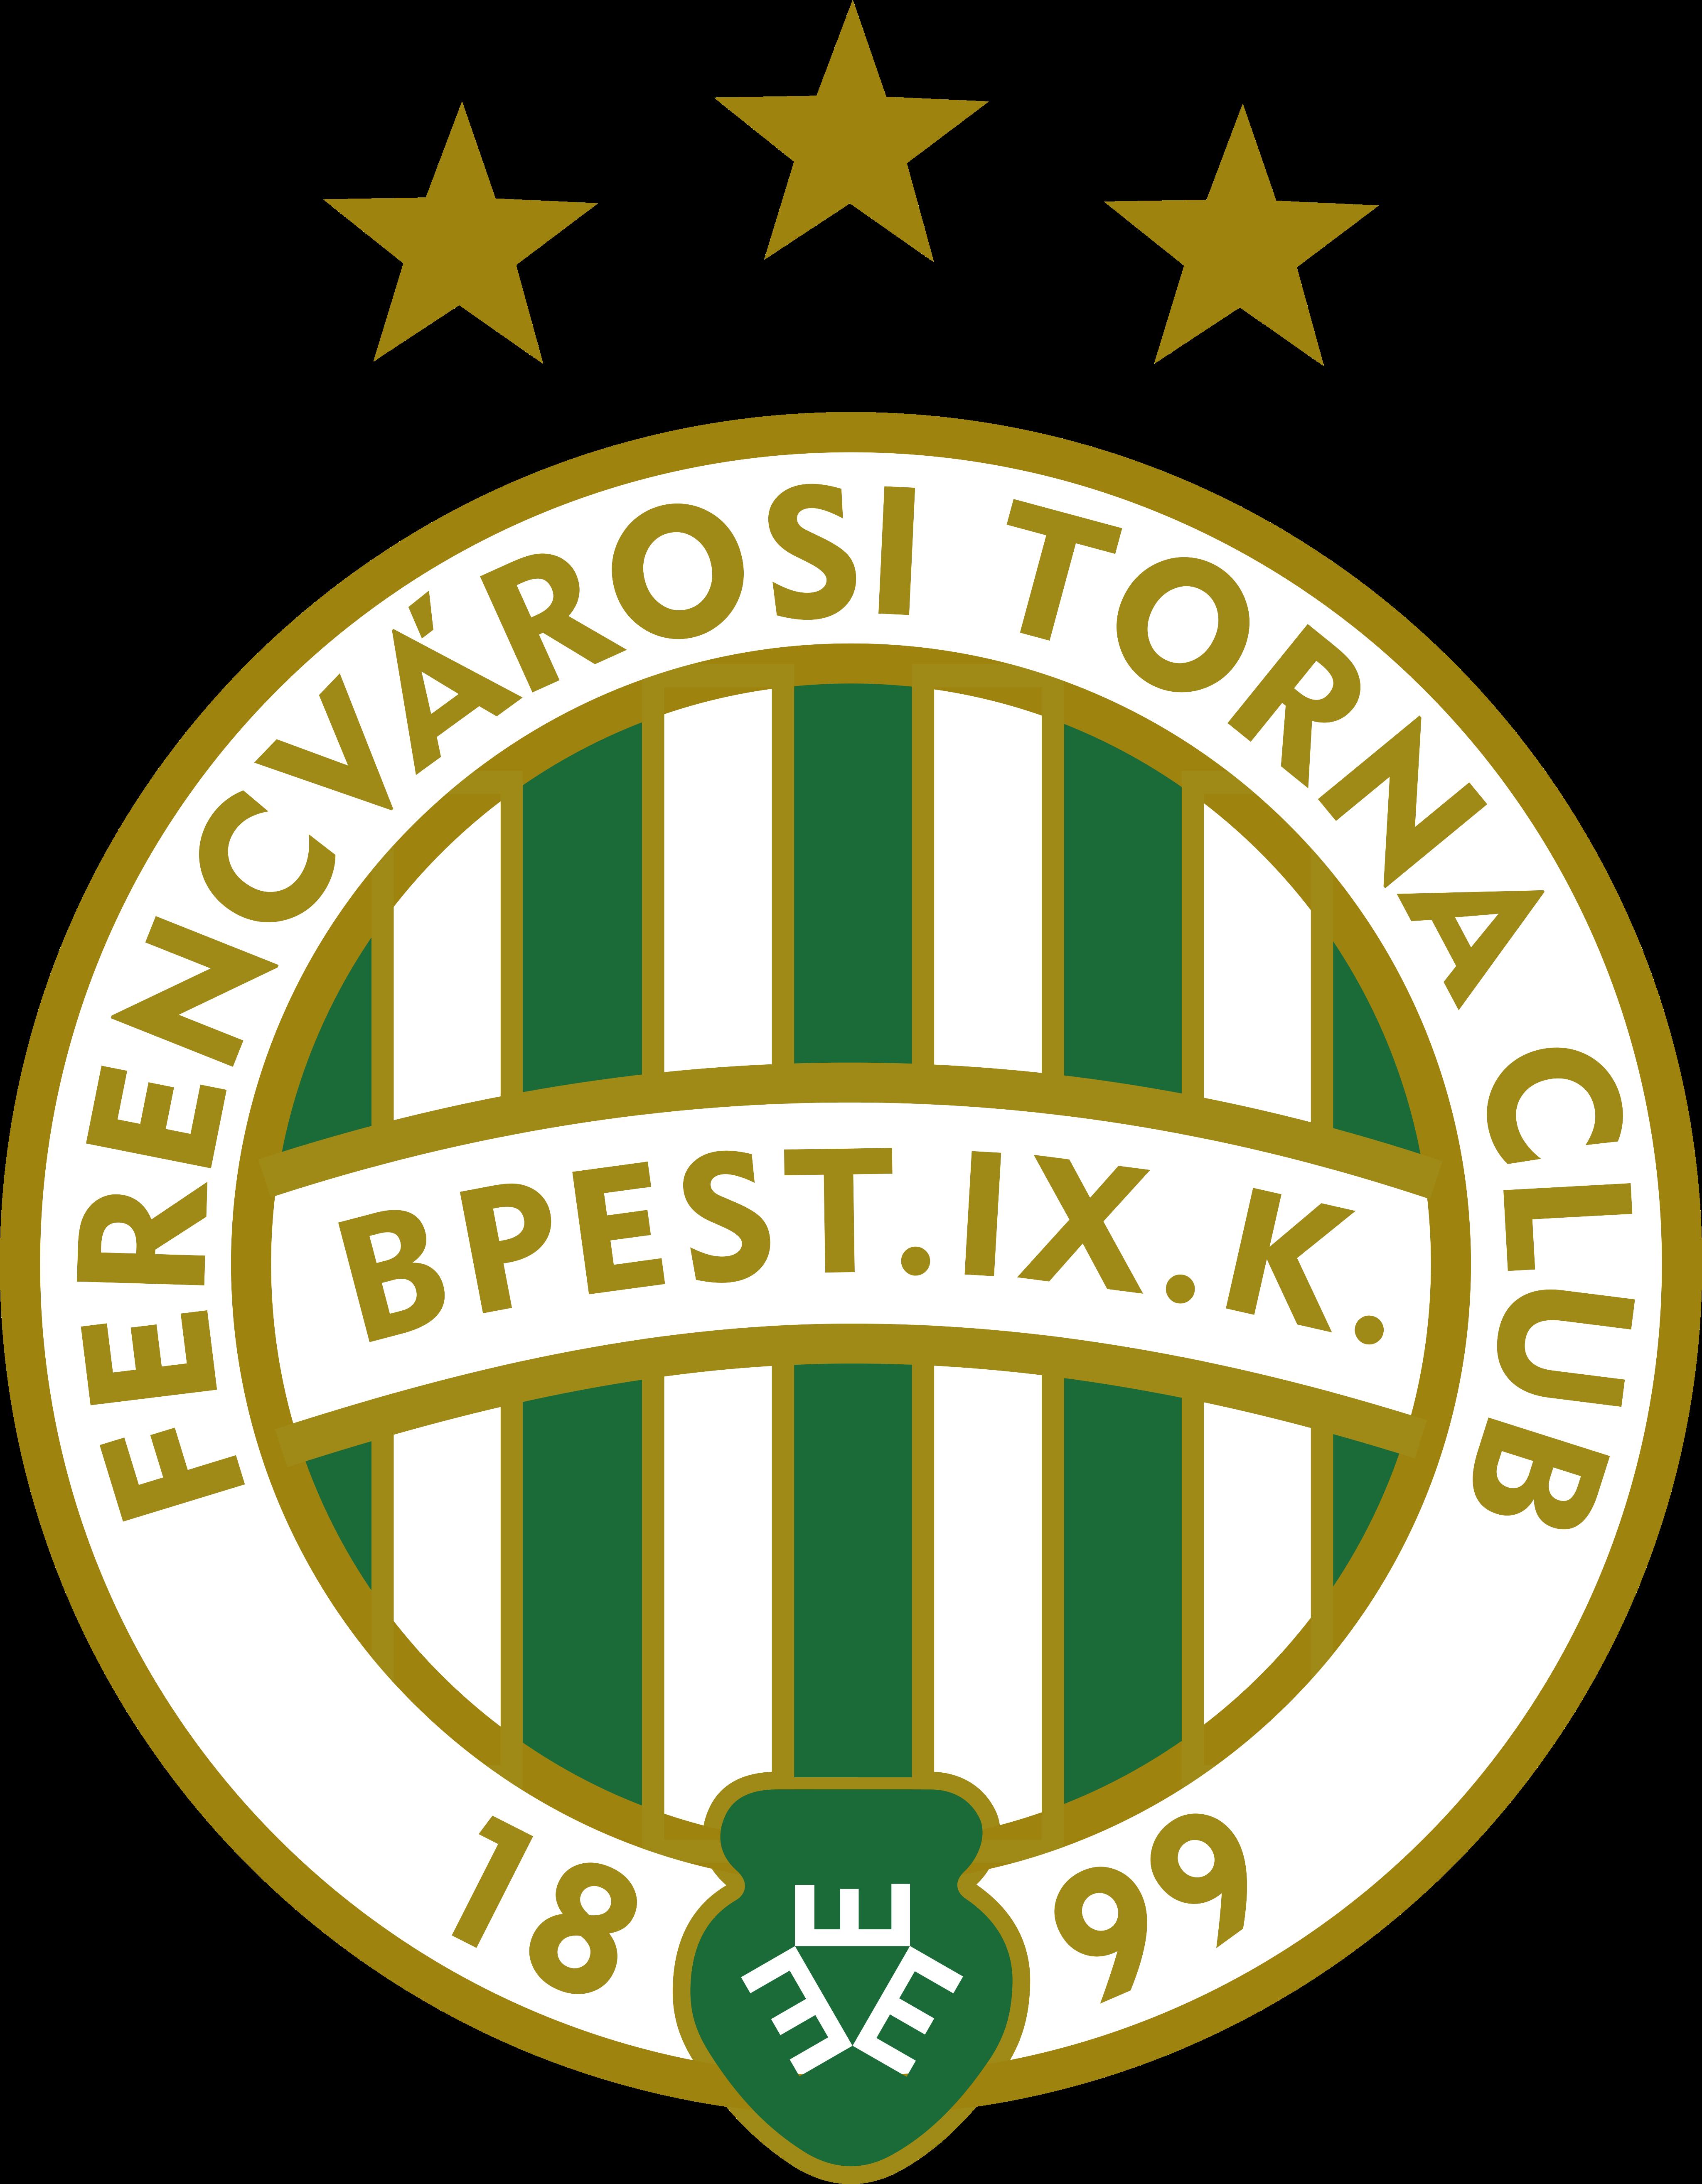 ferencvarosi torna club logo - Ferencvárosi Torna Club Logo